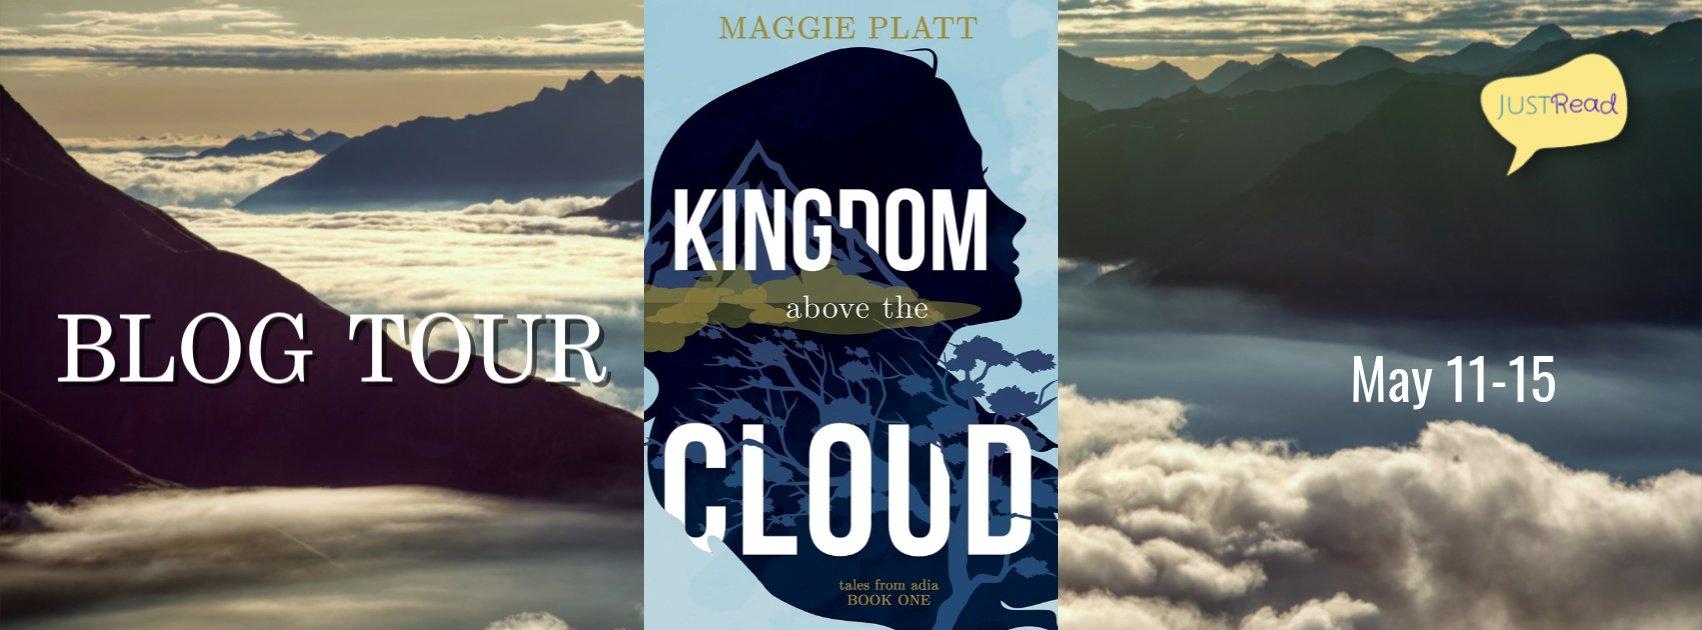 Kingdom Above the Cloud Blog Tour